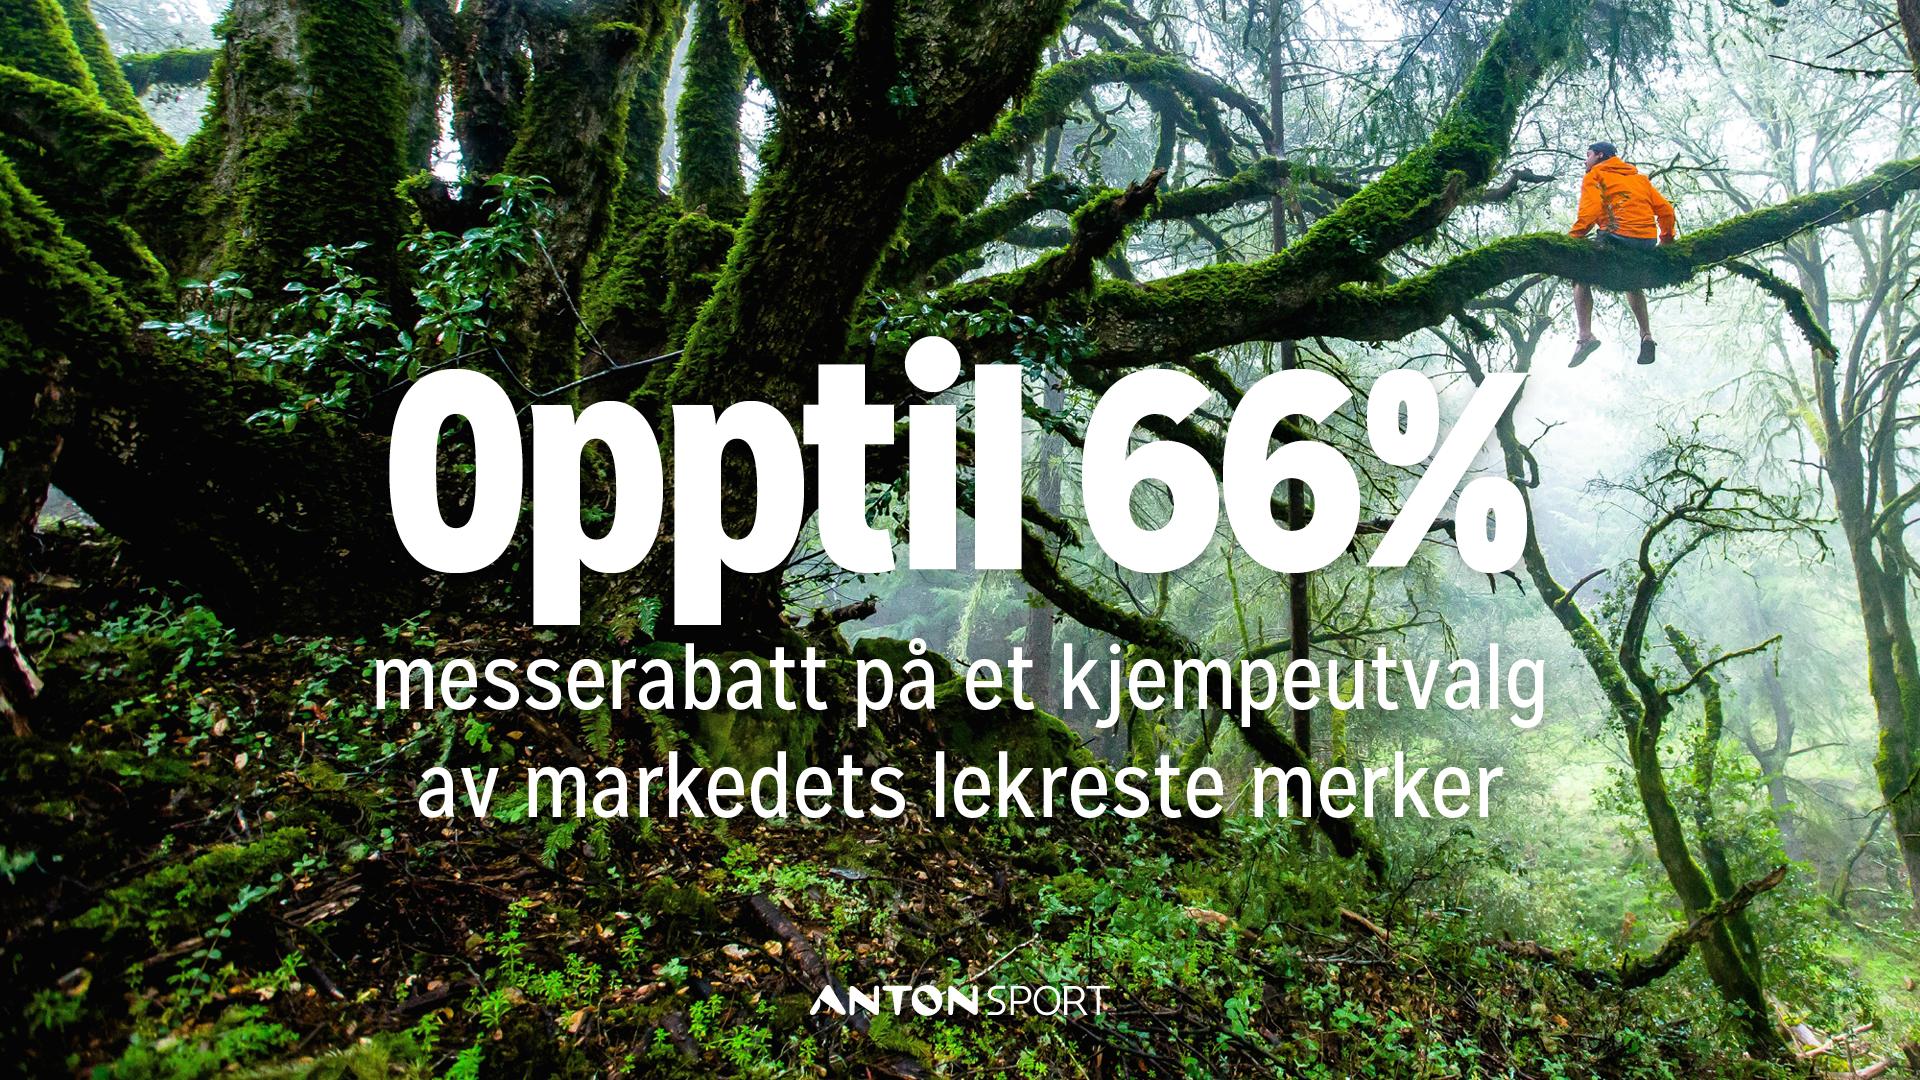 Anton_tilbud_campvillmark_ny